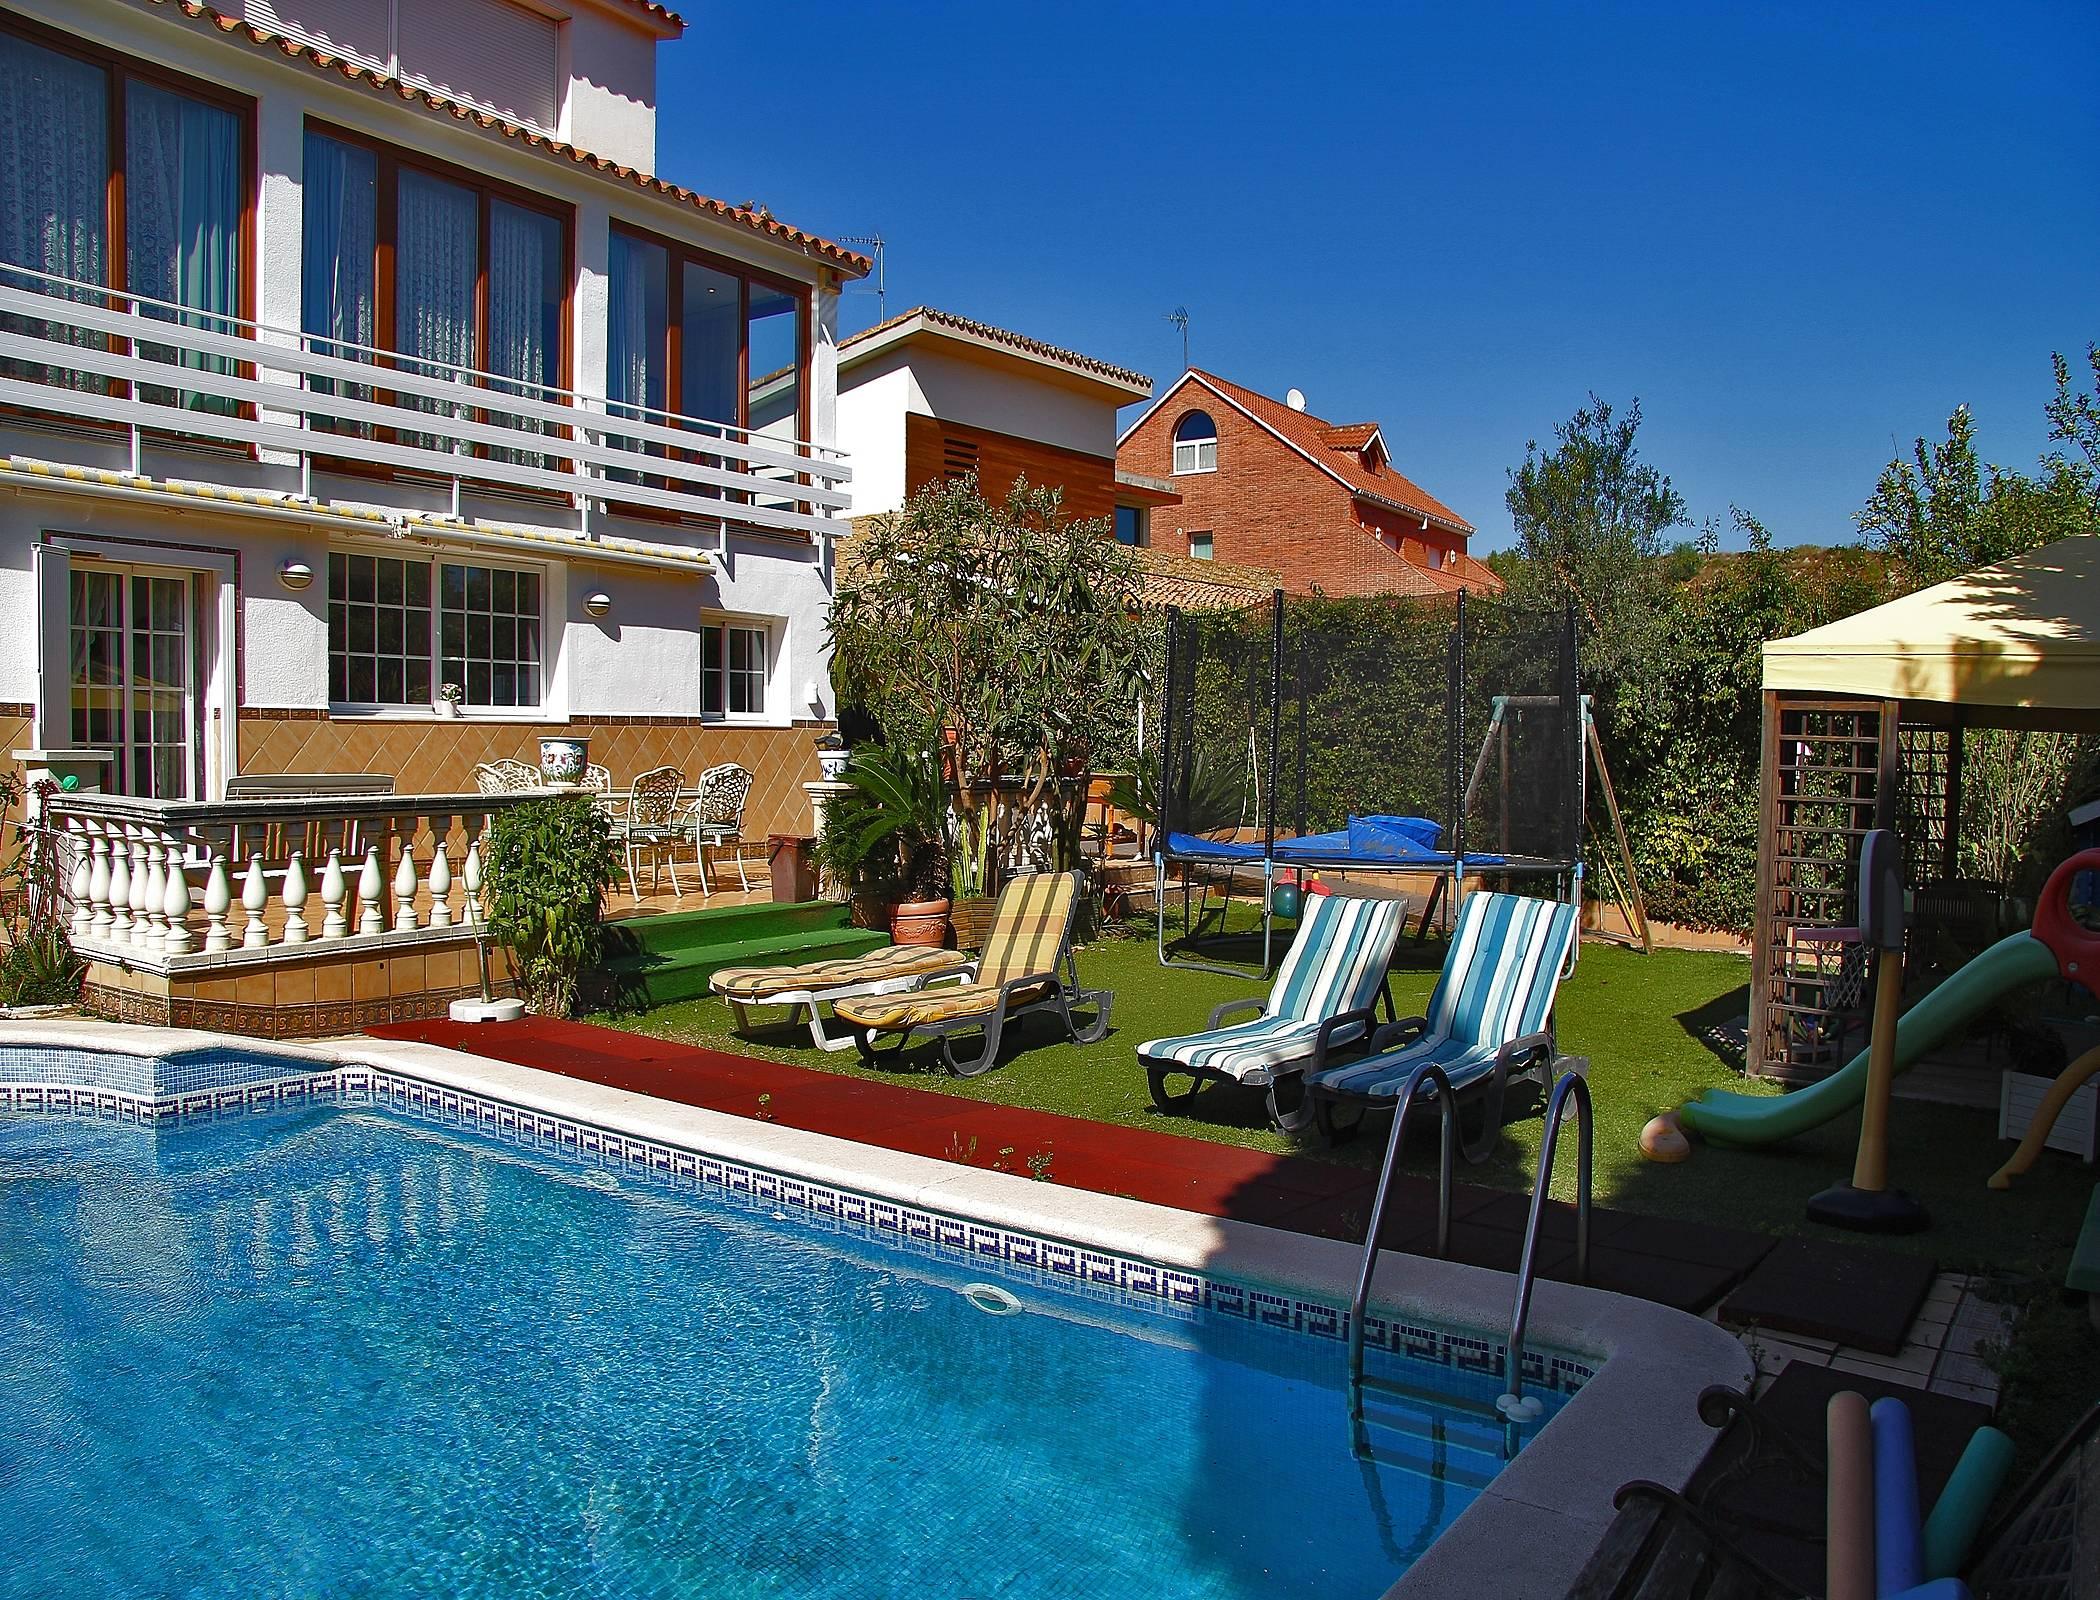 Alquiler vacaciones apartamentos y casas rurales en castellar del vall s barcelona - Alquiler casas rurales barcelona ...